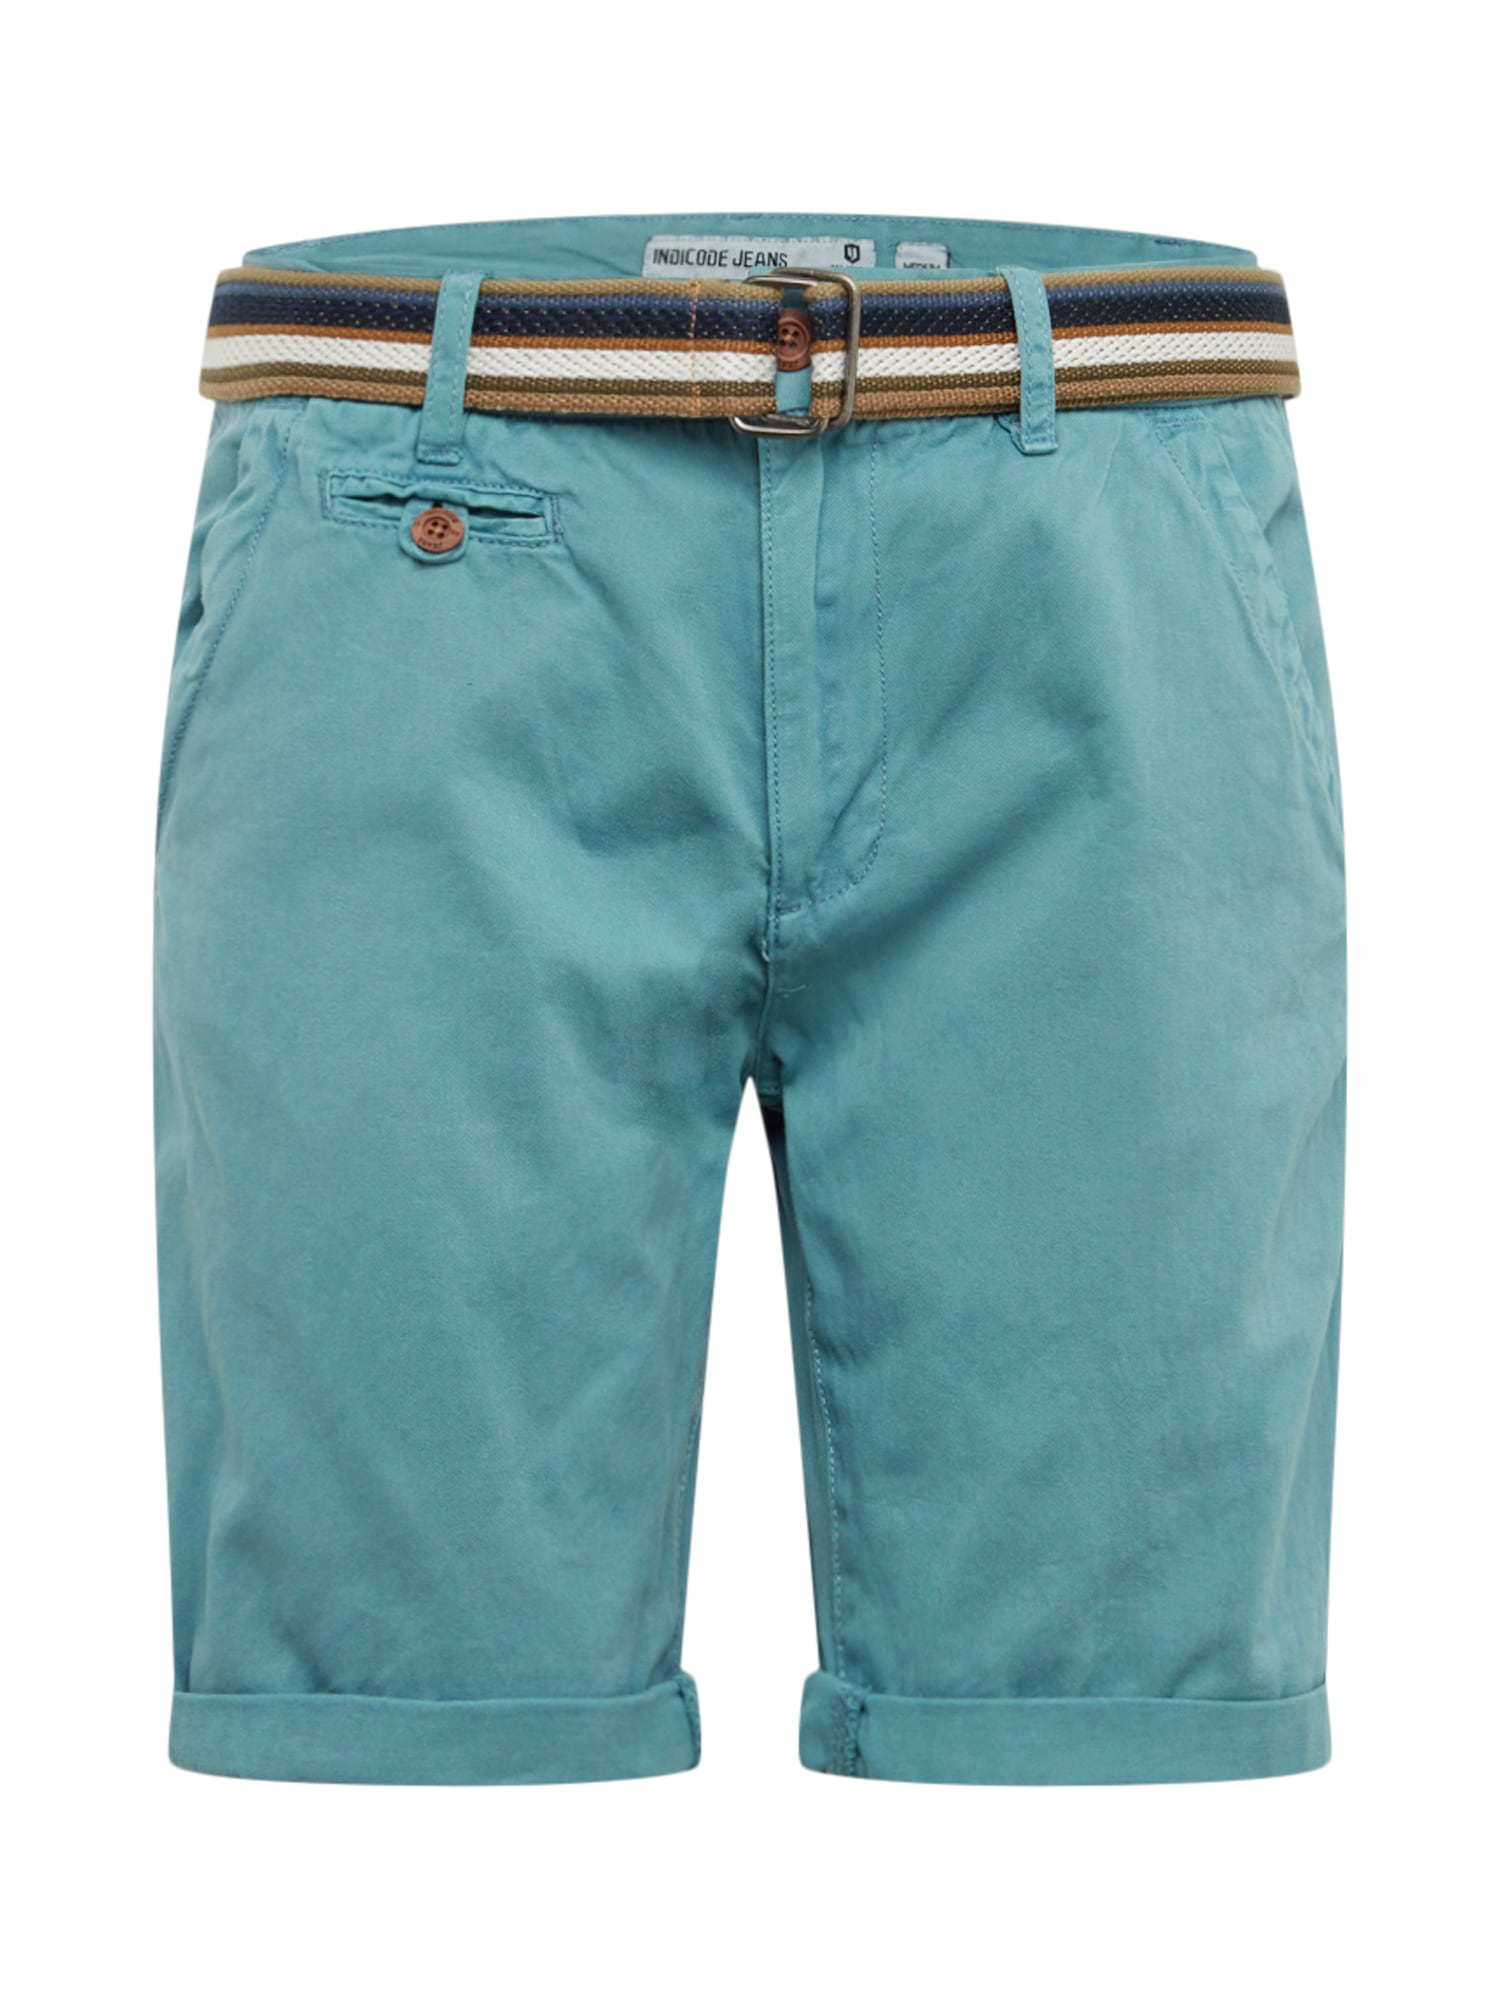 INDICODE JEANS Chino stiliaus kelnės 'Royce' šviesiai mėlyna